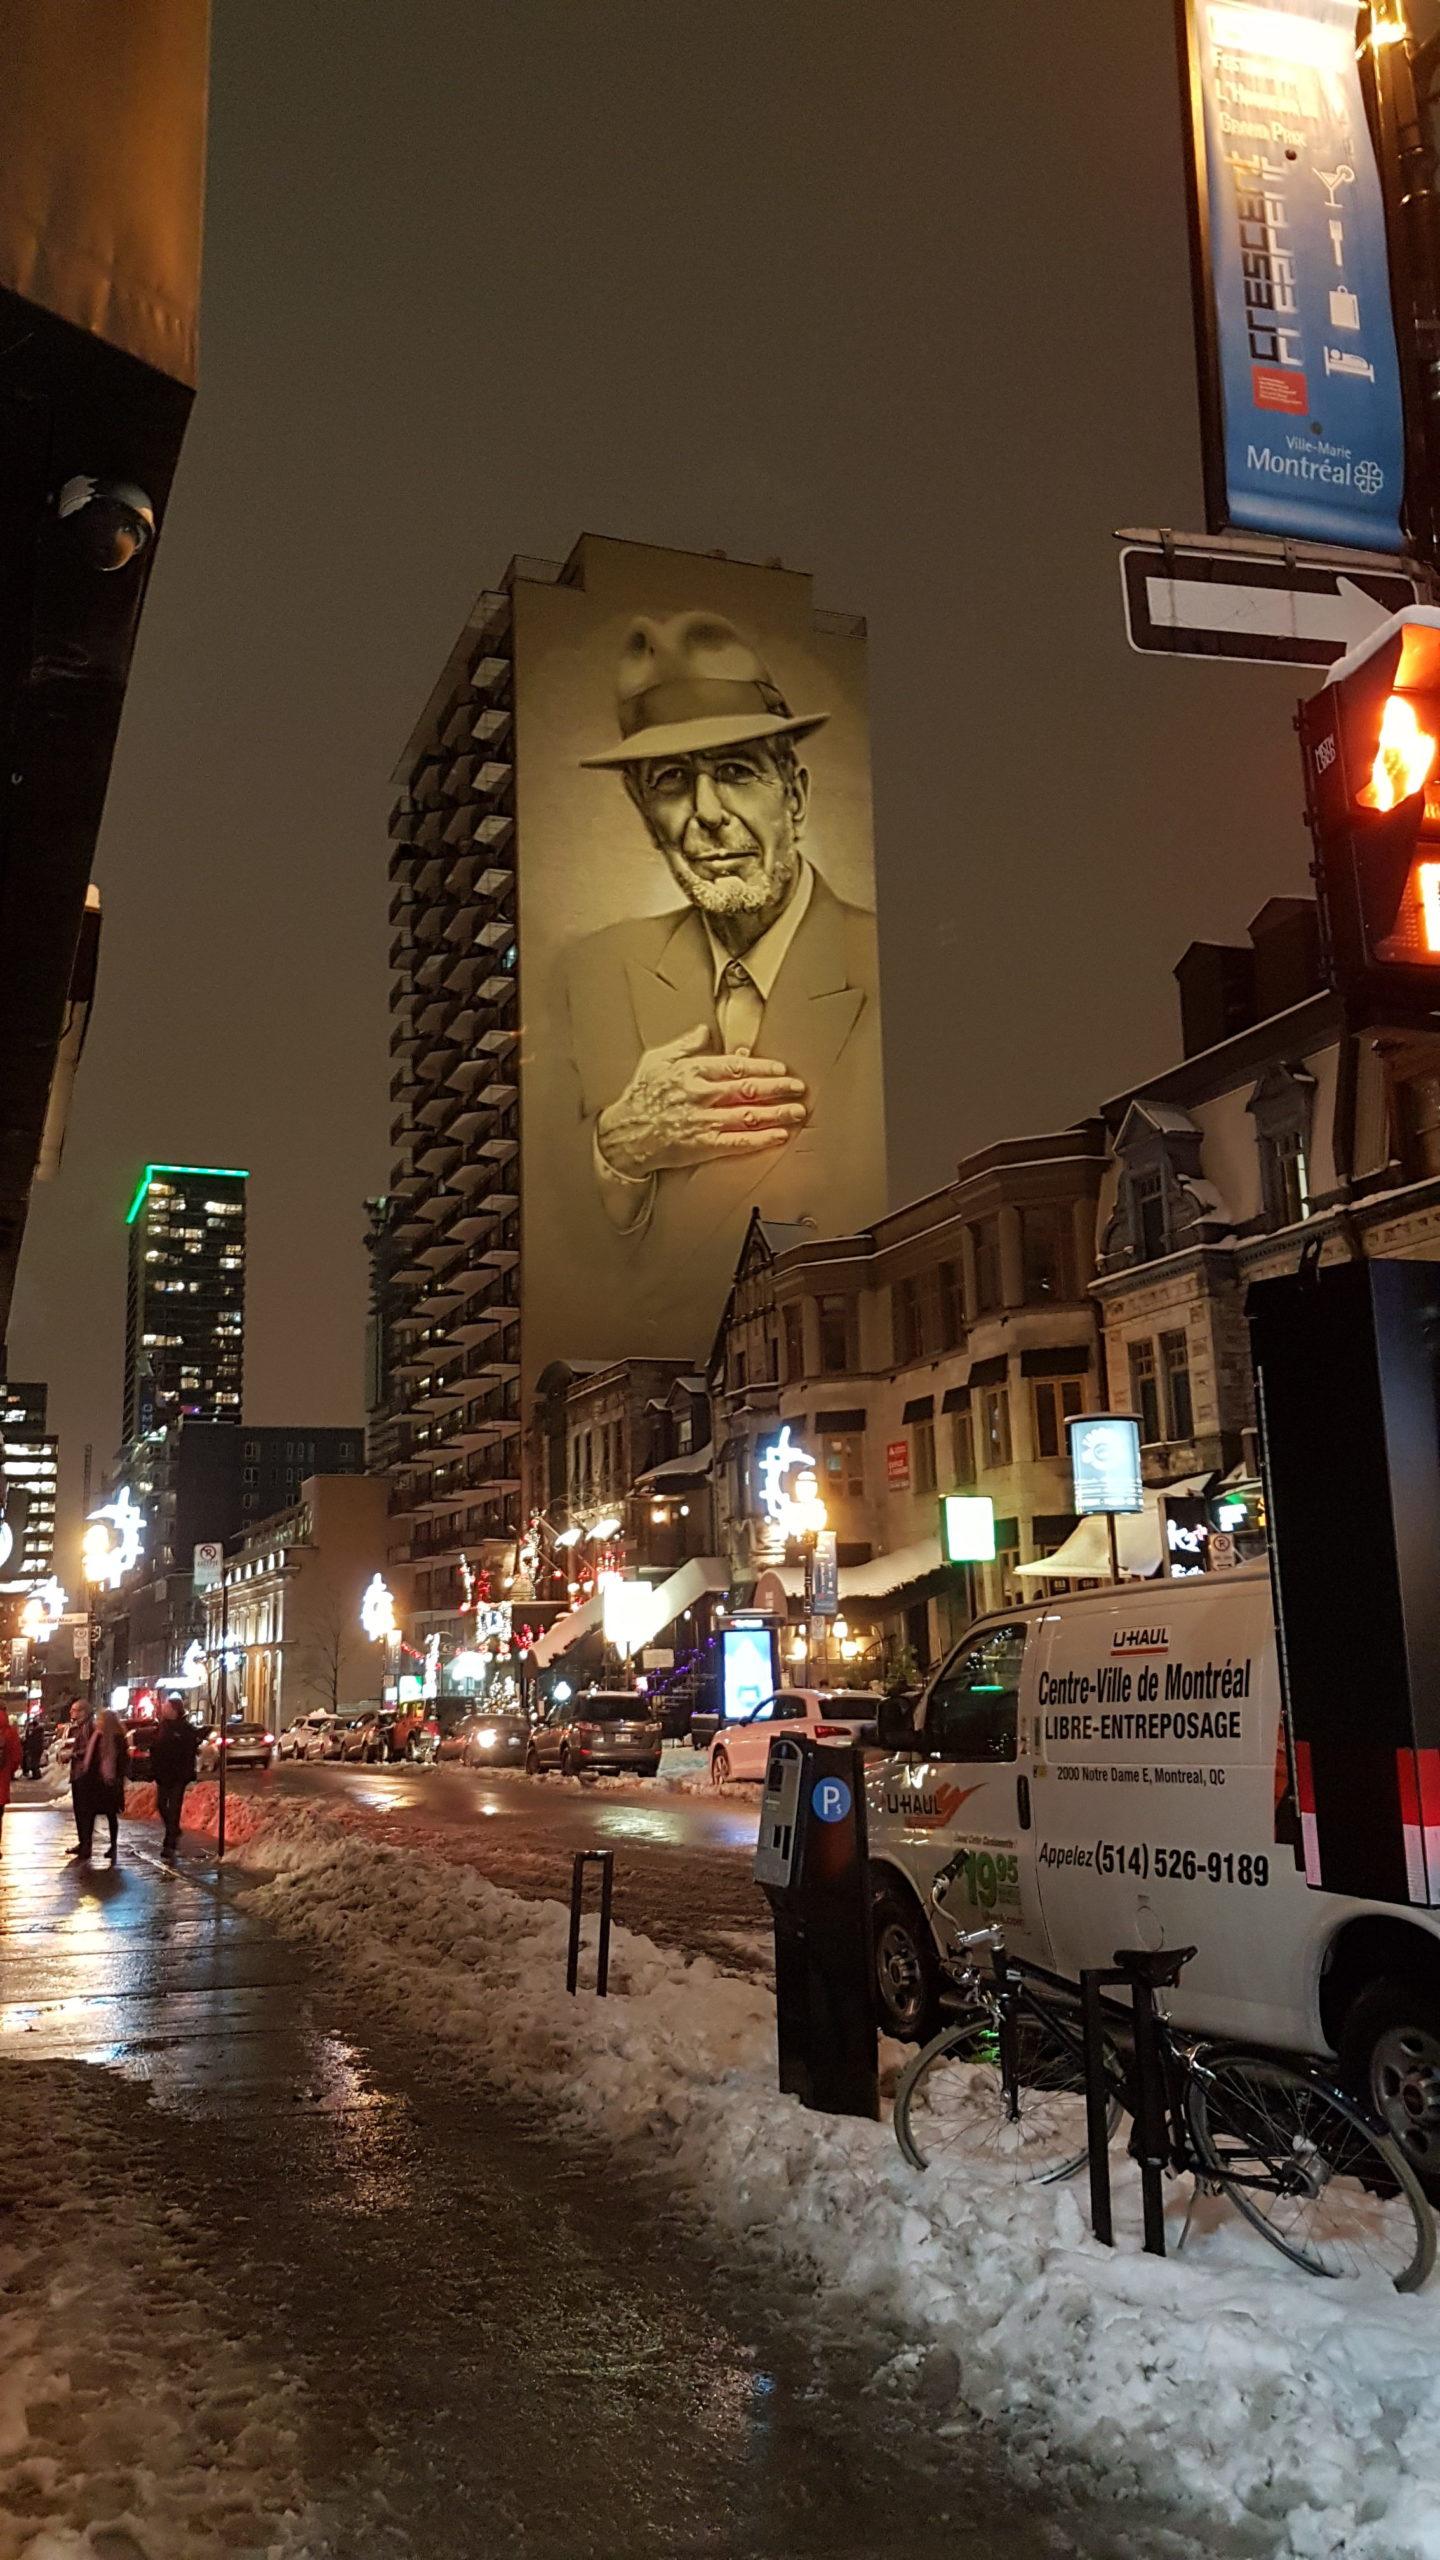 Murale de Leonard Cohen sur un building à Montréal.